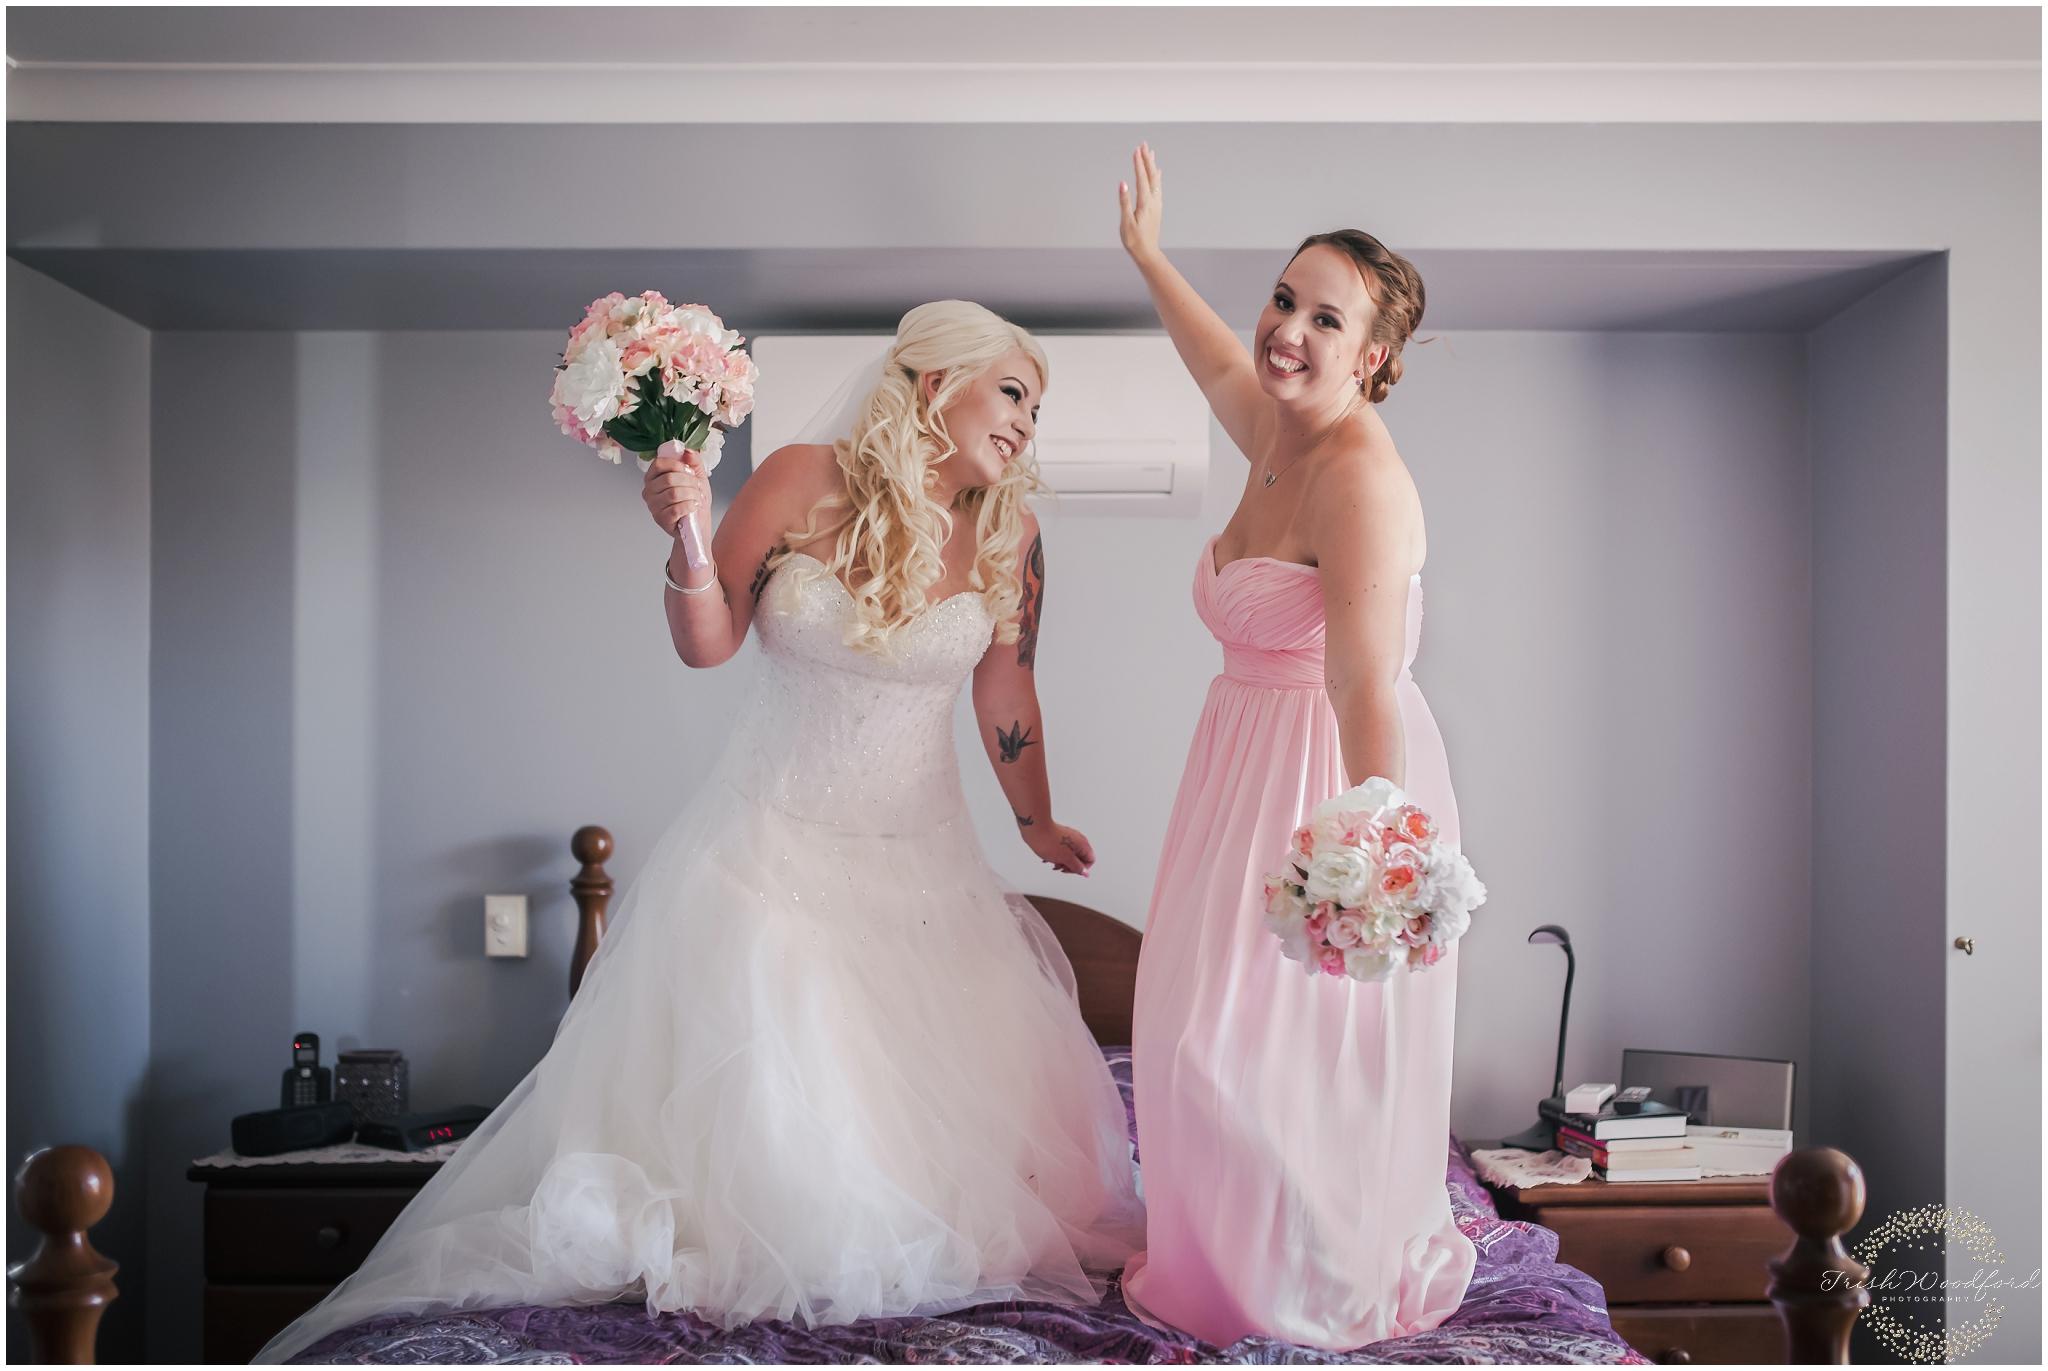 Fun Bride & Bridesmaid Photo Rockingham Wedding